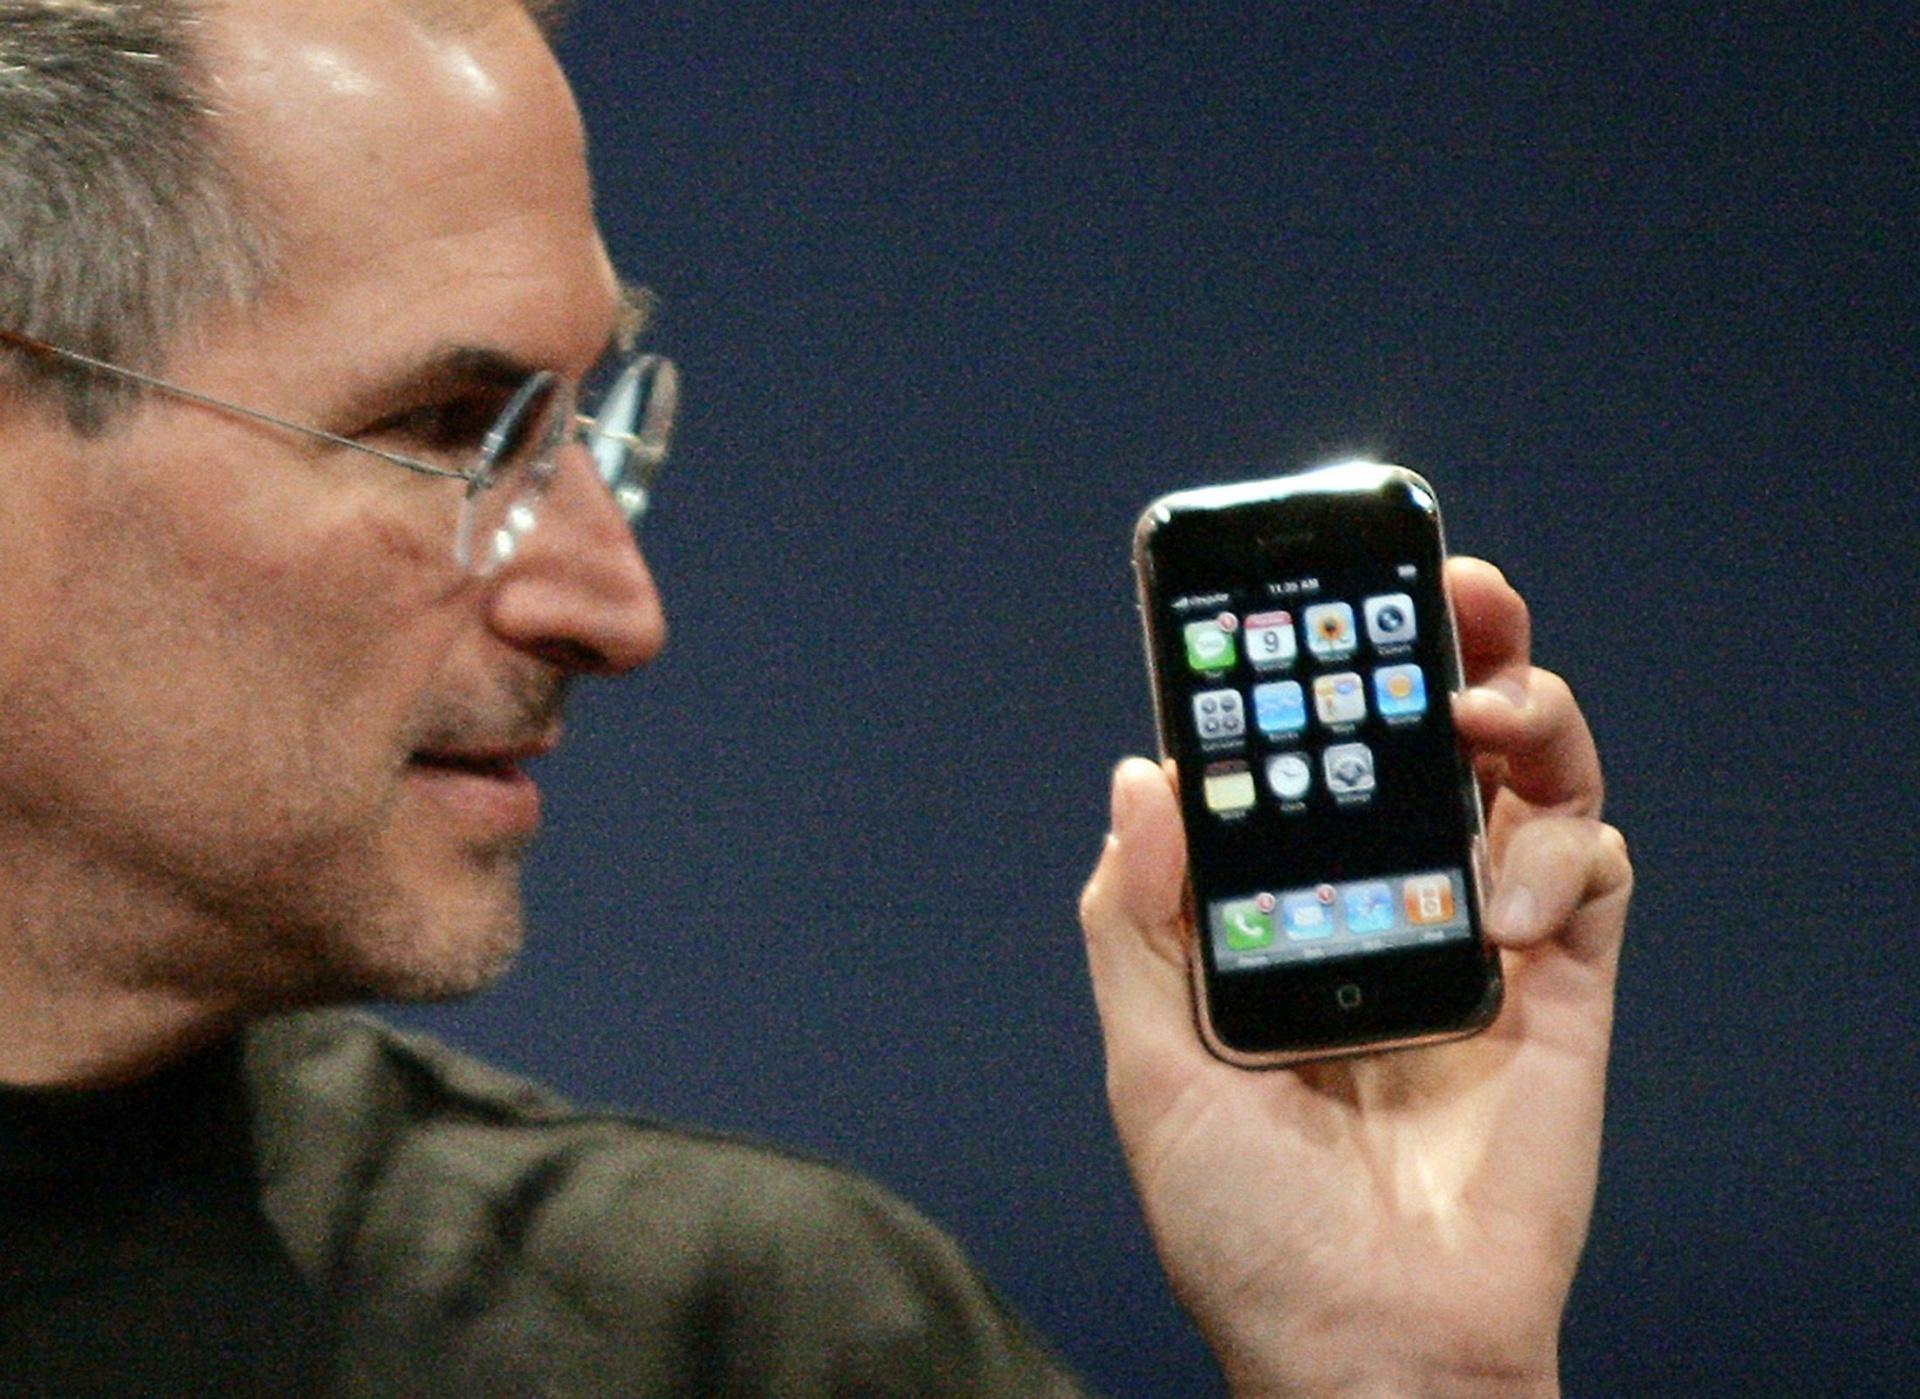 Há 10 anos, lançamento do primeiro iPhone iniciava revolução no mundo - 09/01/2017 - UOL TILT